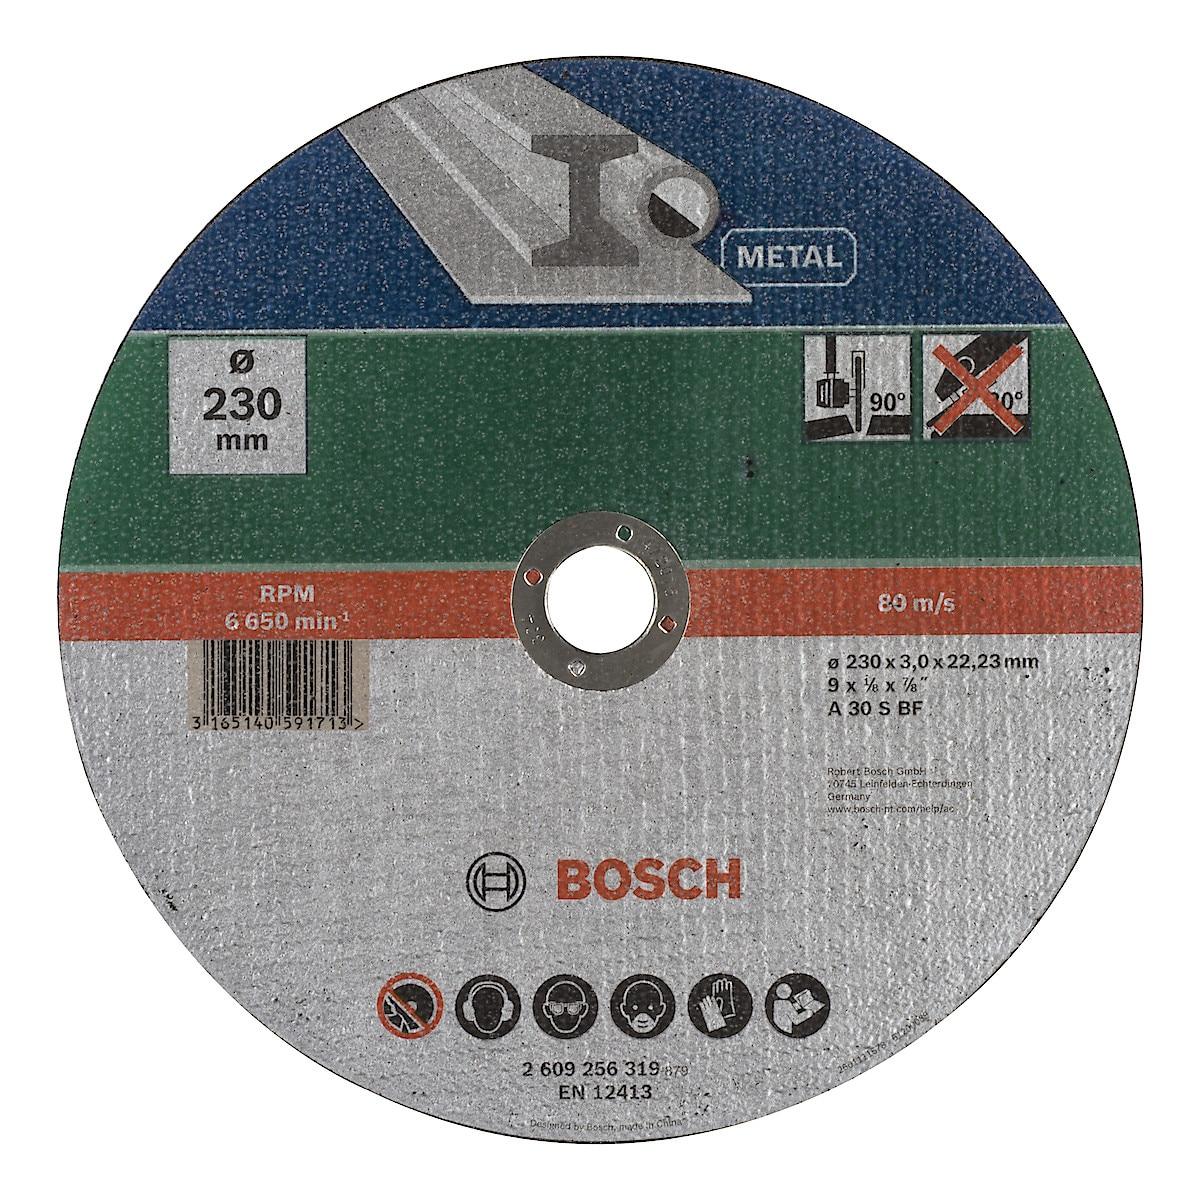 Katkaisulaikka metallille 230 mm, Bosch